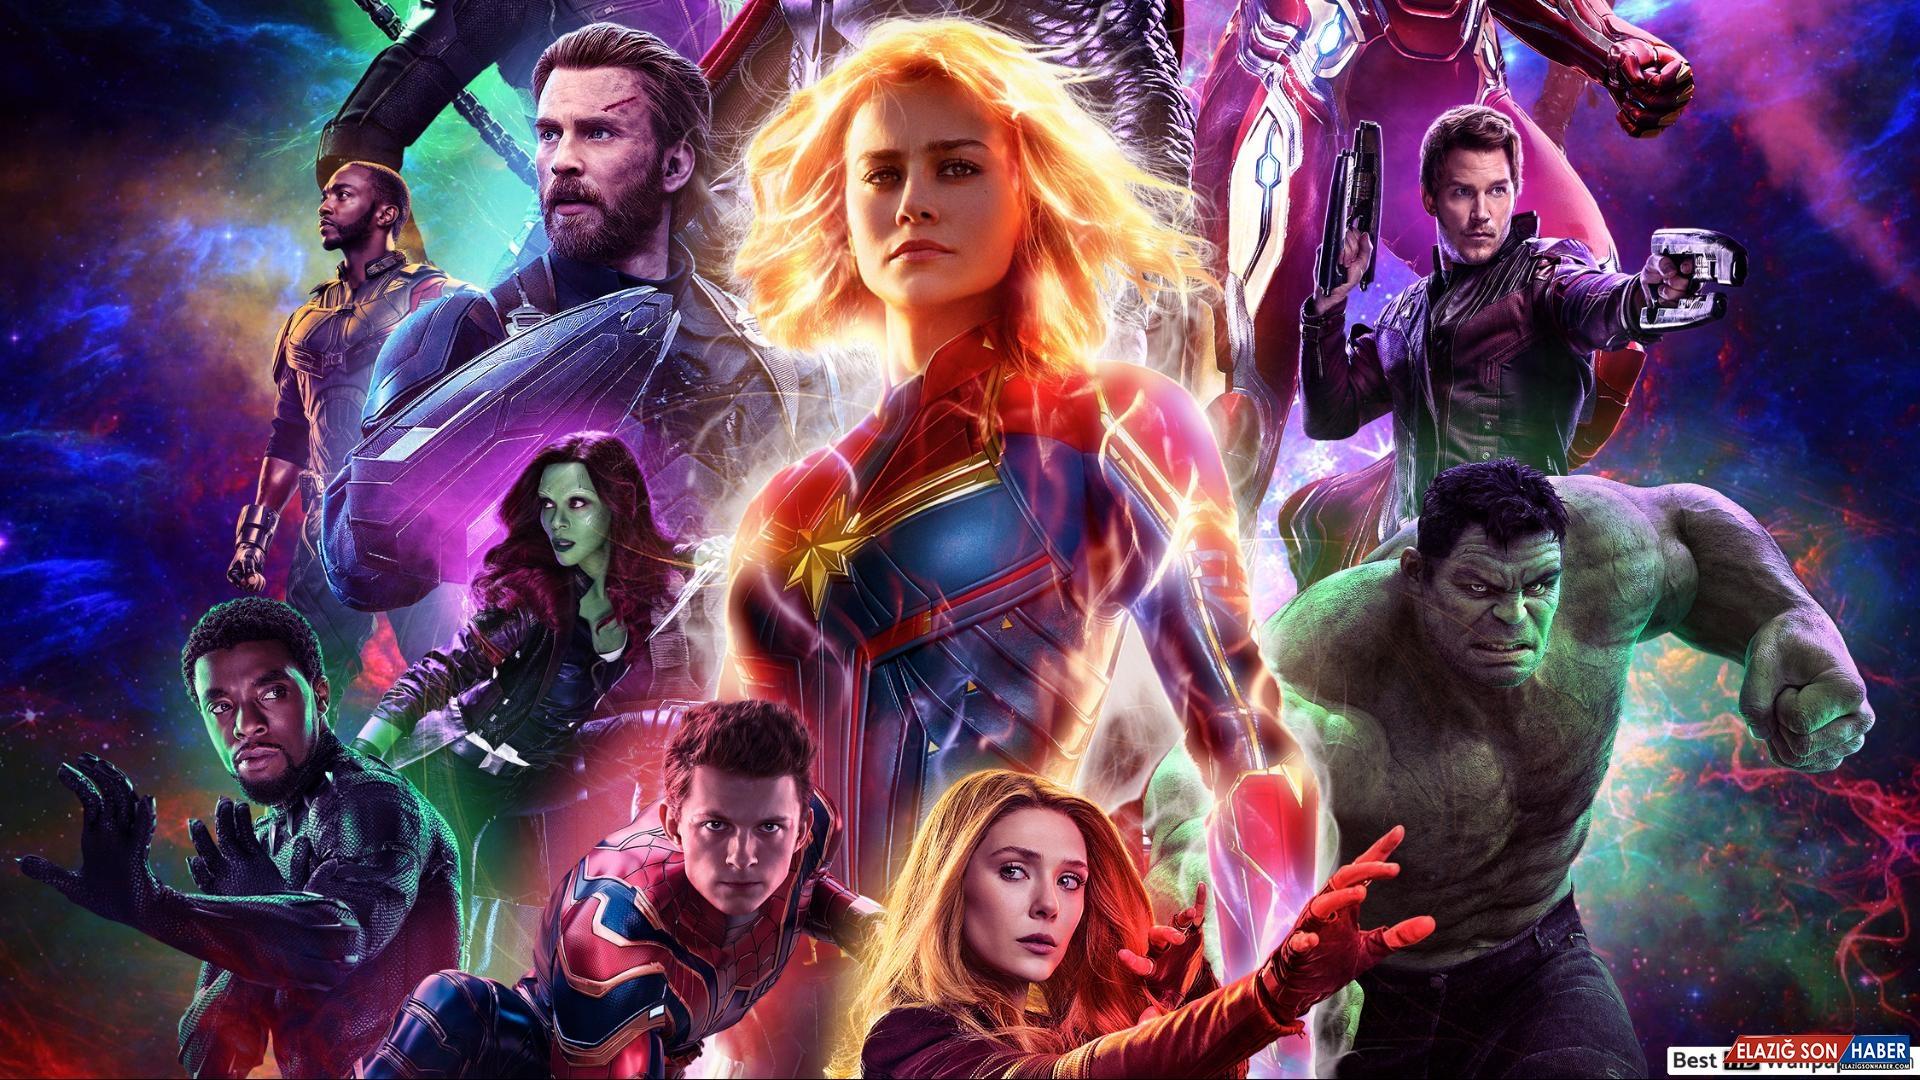 Avengers: Endgame'den Spoiler Yemek İstemeyenler, Sosyal Medyadan Kaçıyorlar